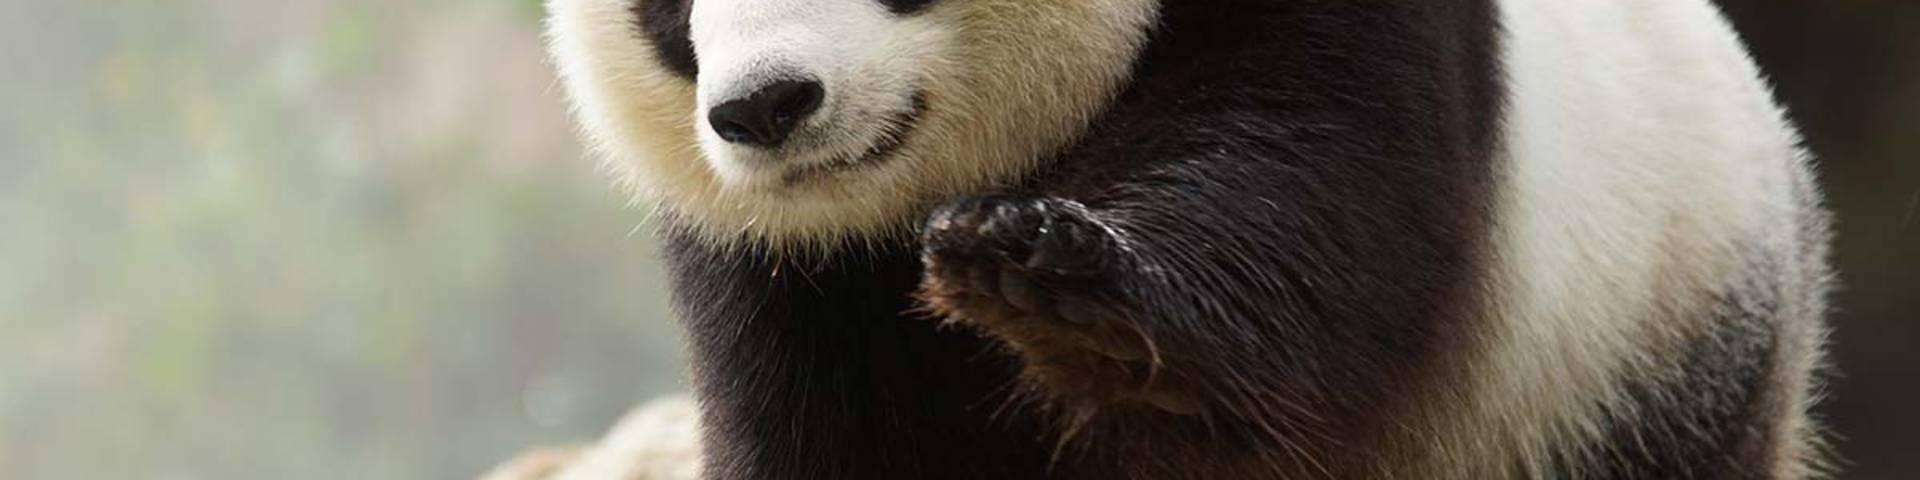 Le panda géant, une des stars du ZooParc de Beauval